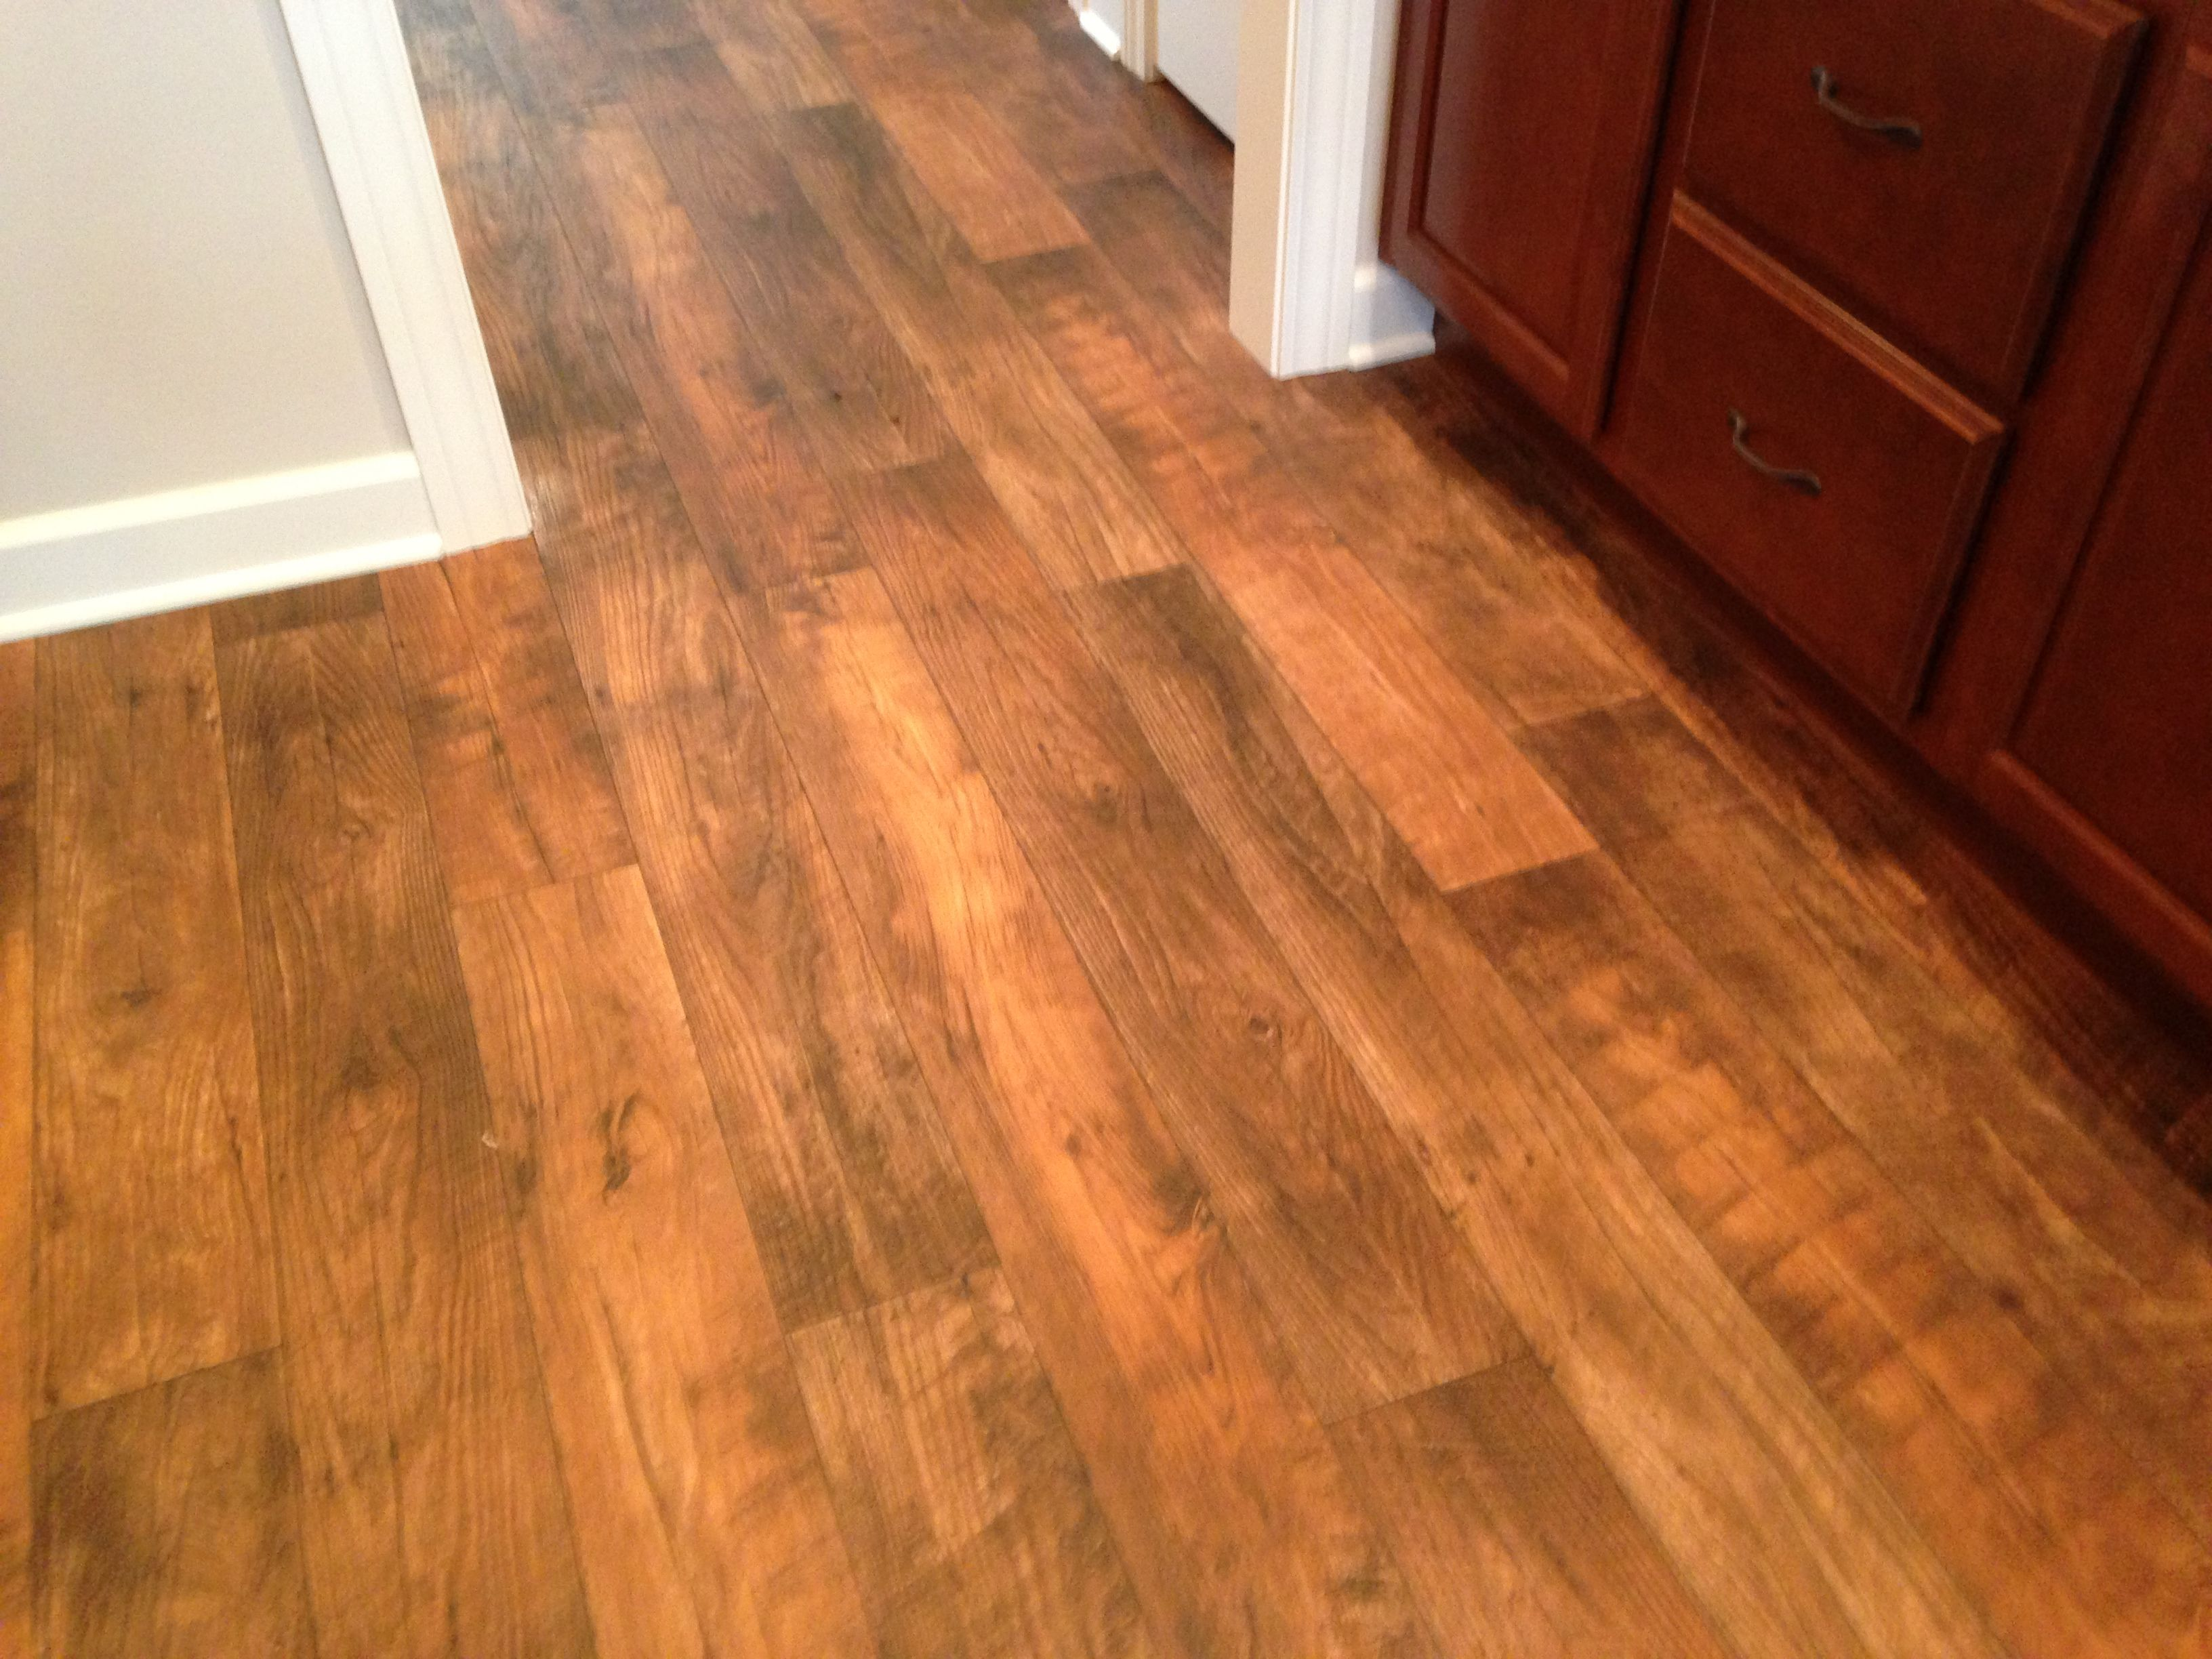 wood look linoleum floor in Delagrange's Dalton Cottage II